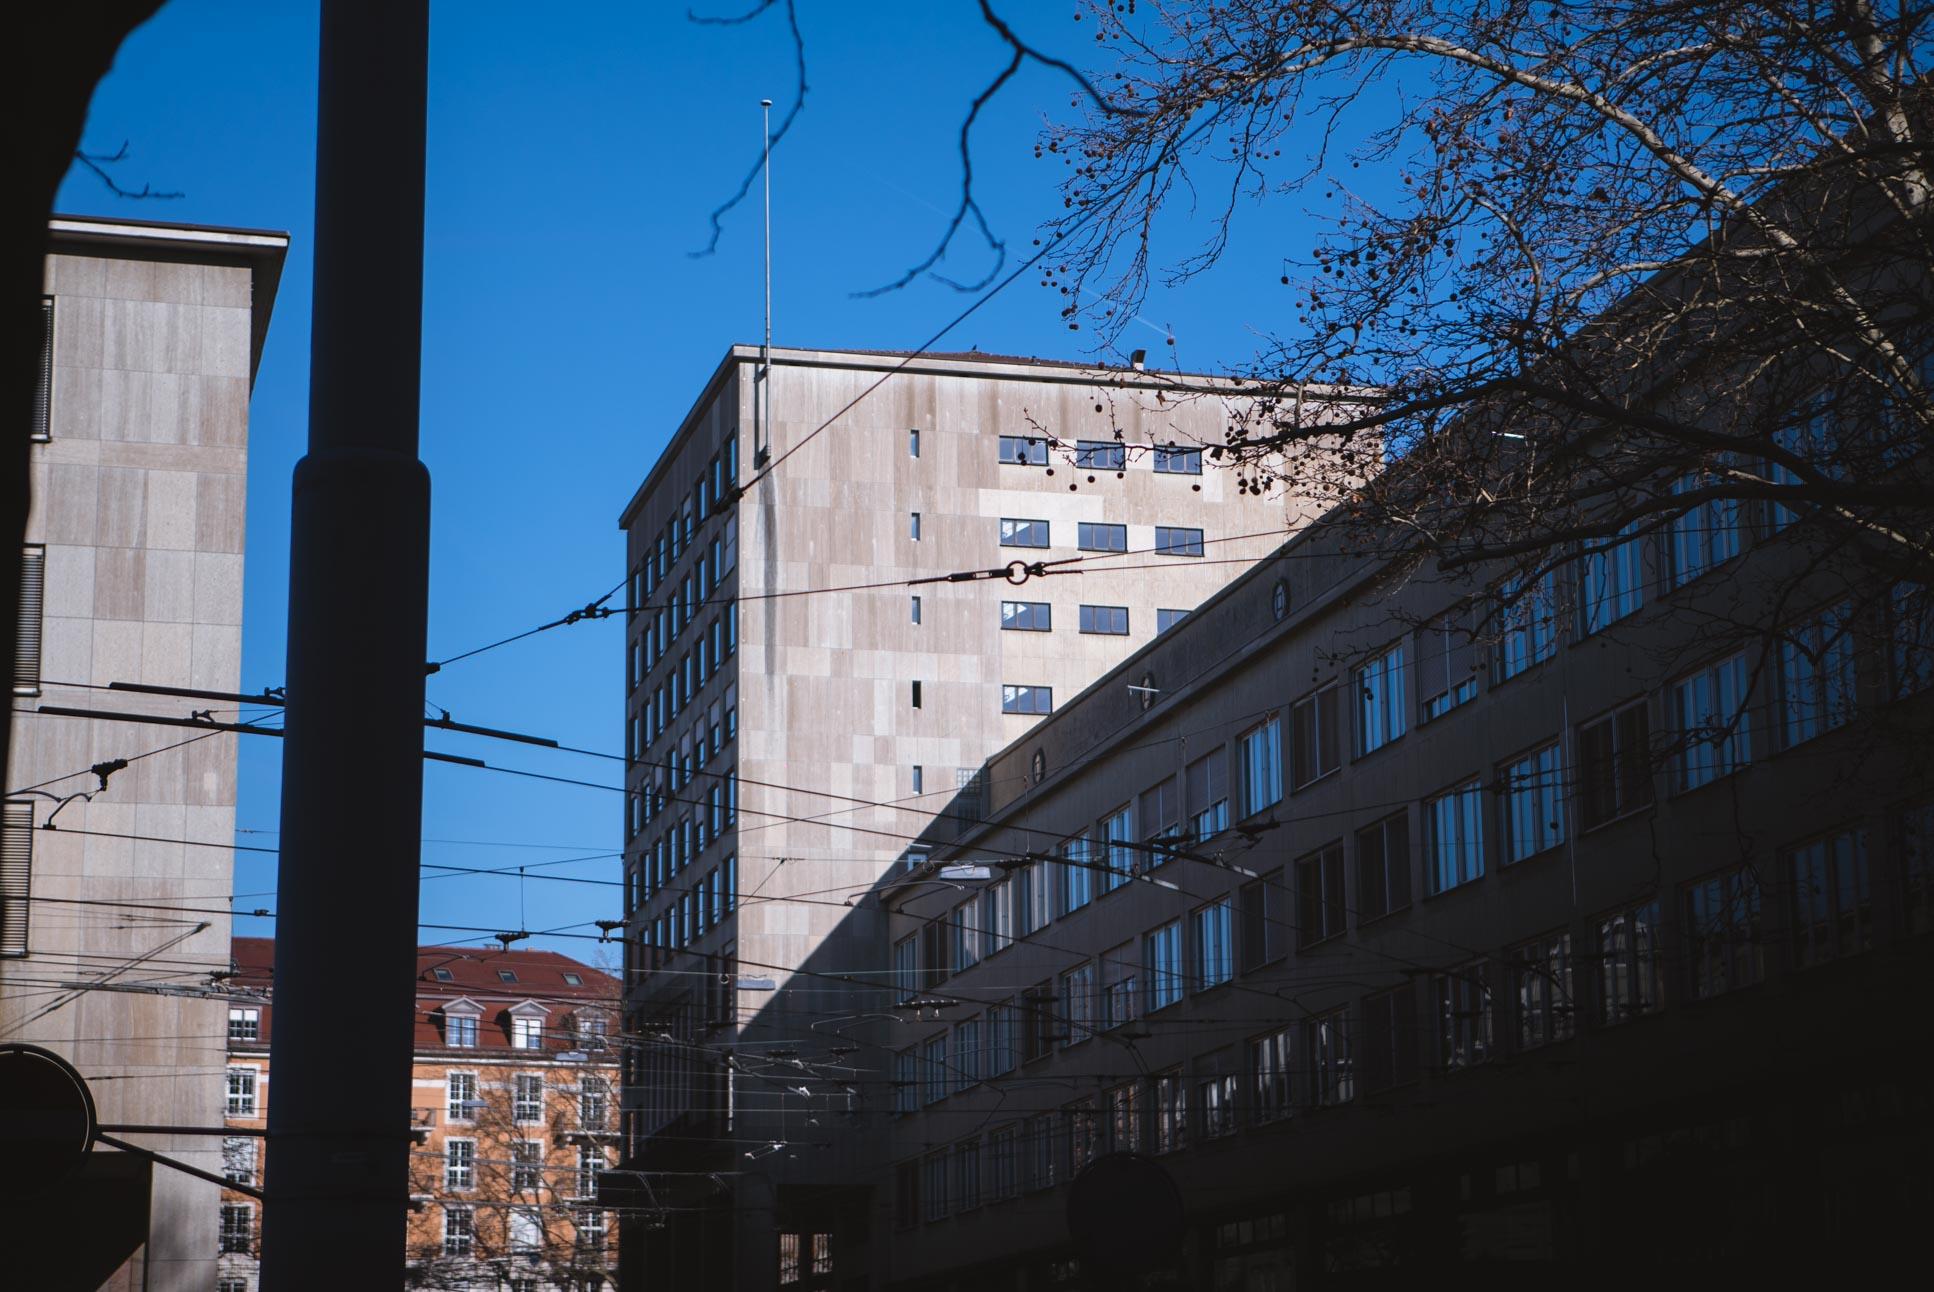 Photo by Pascal Sommer - Walchestrasse, Zürich